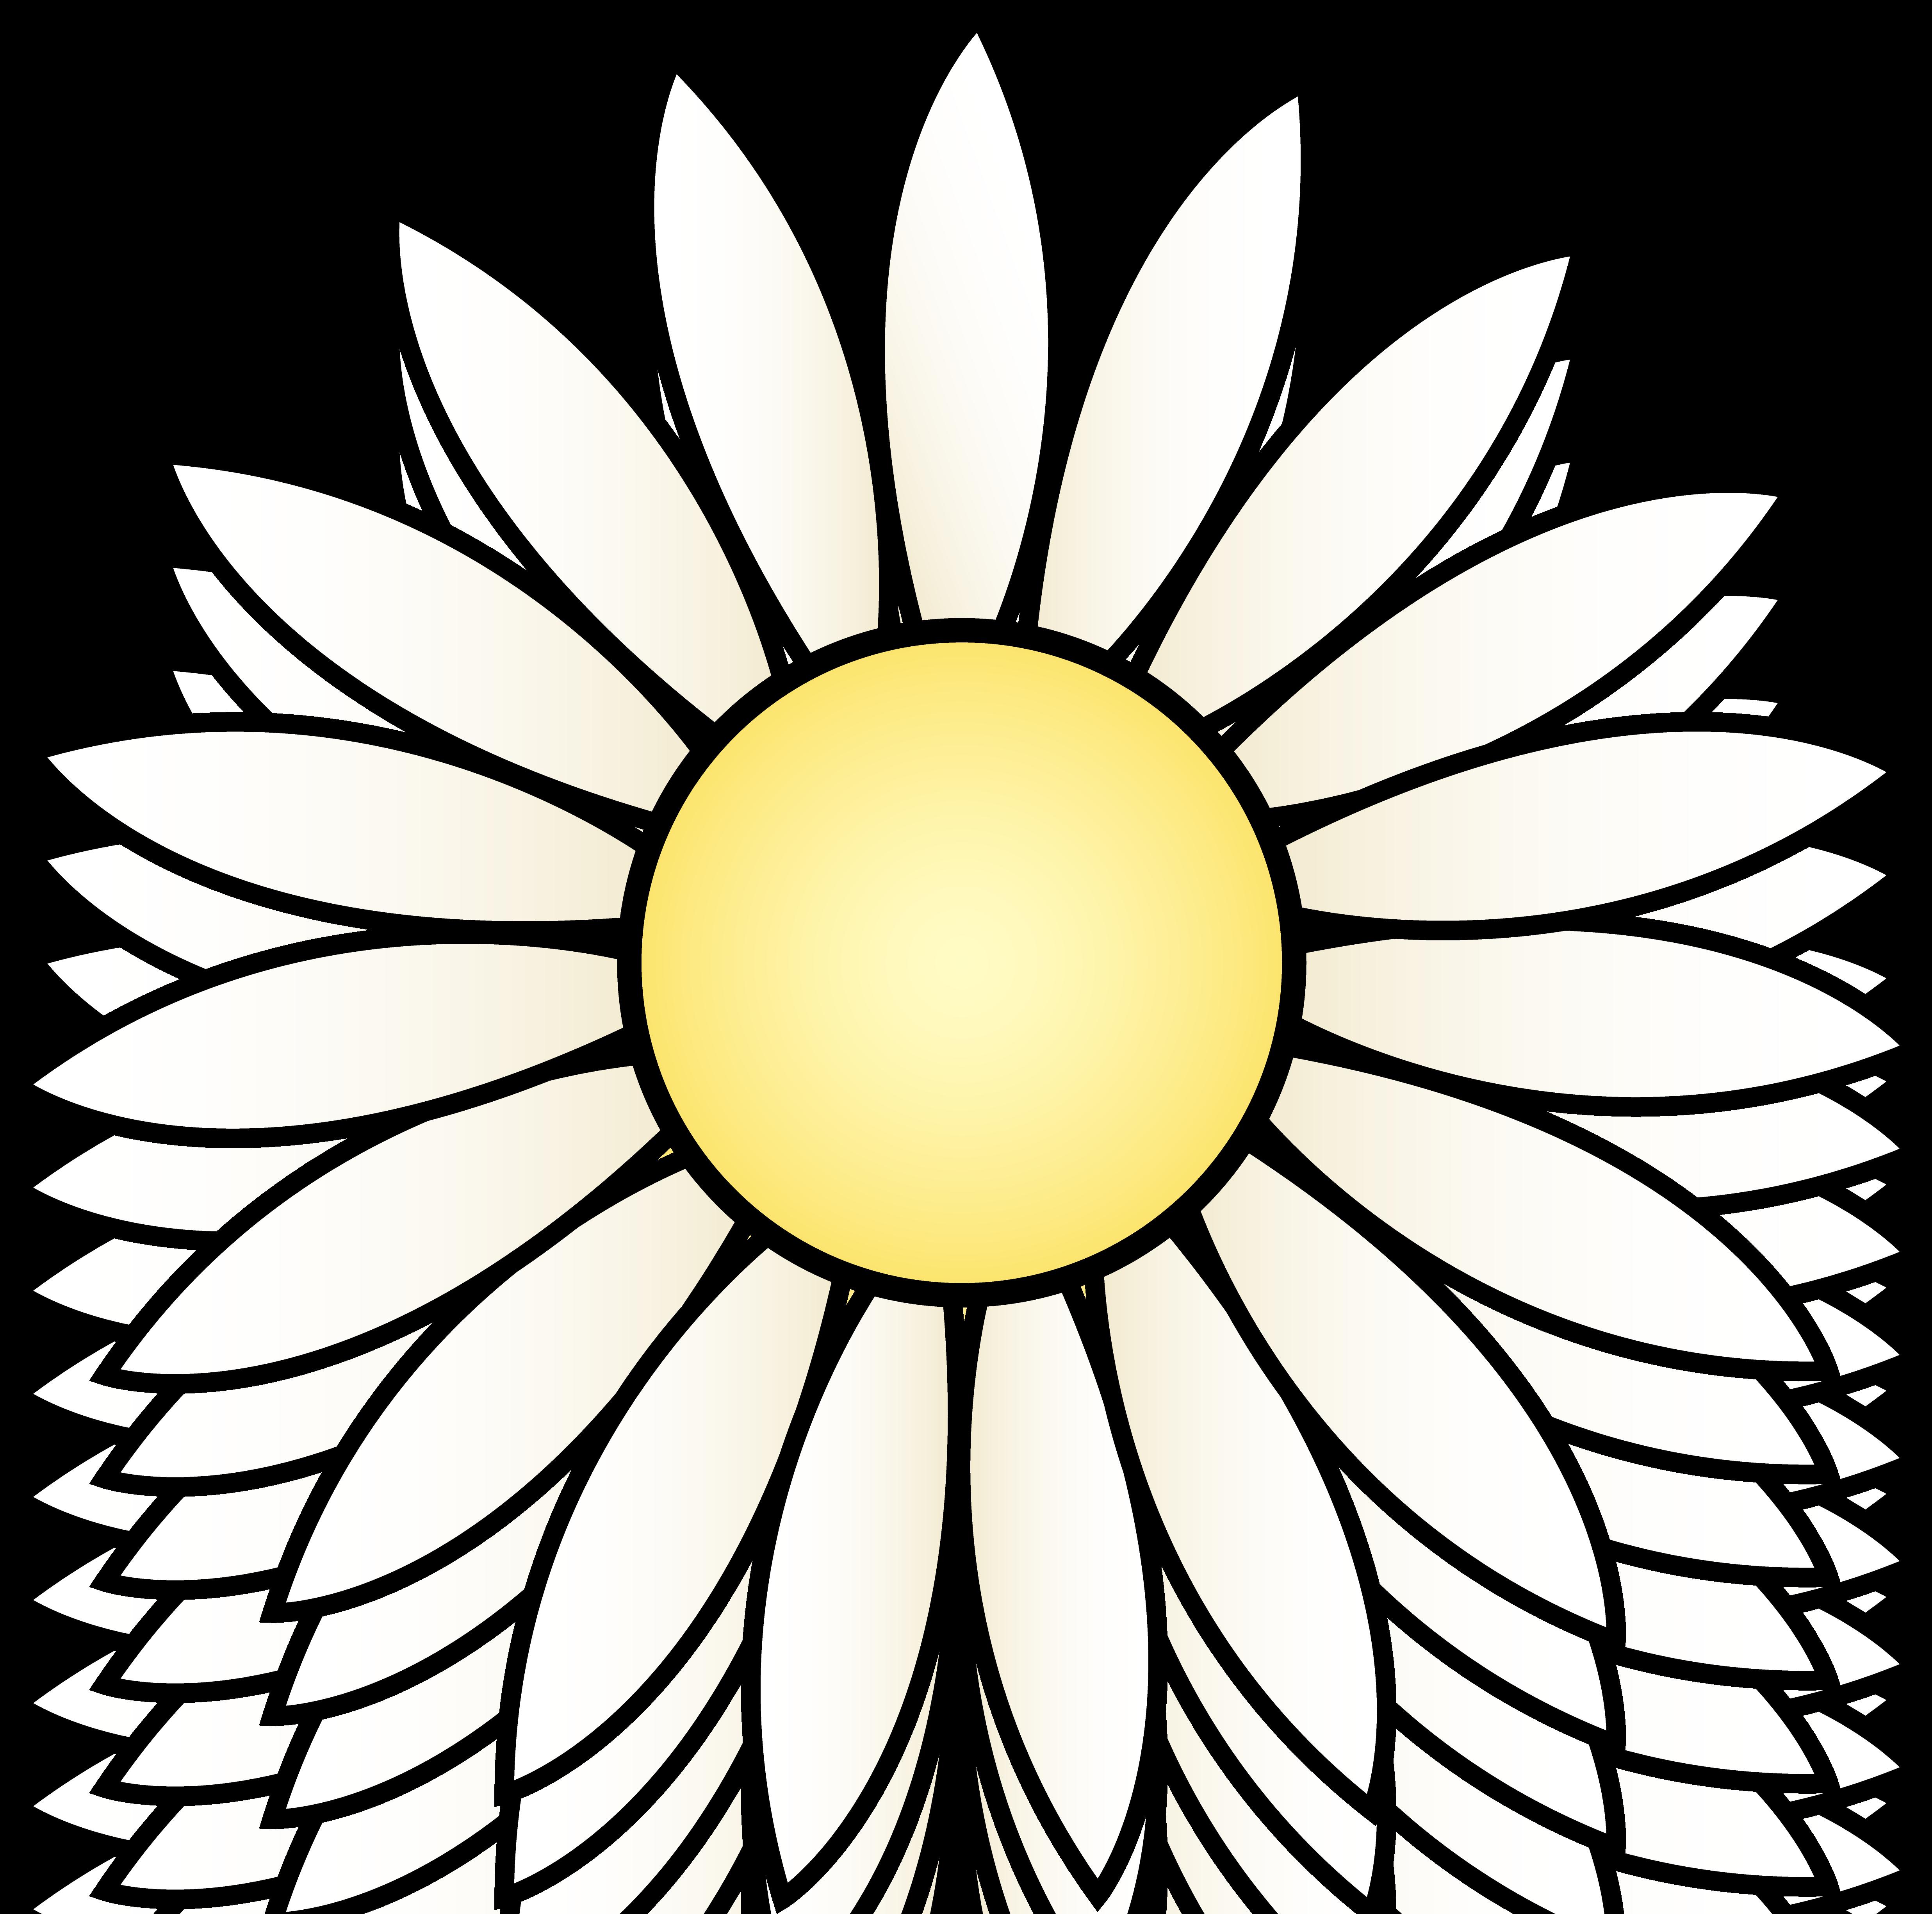 White Daisy Flower - Free Clip Art